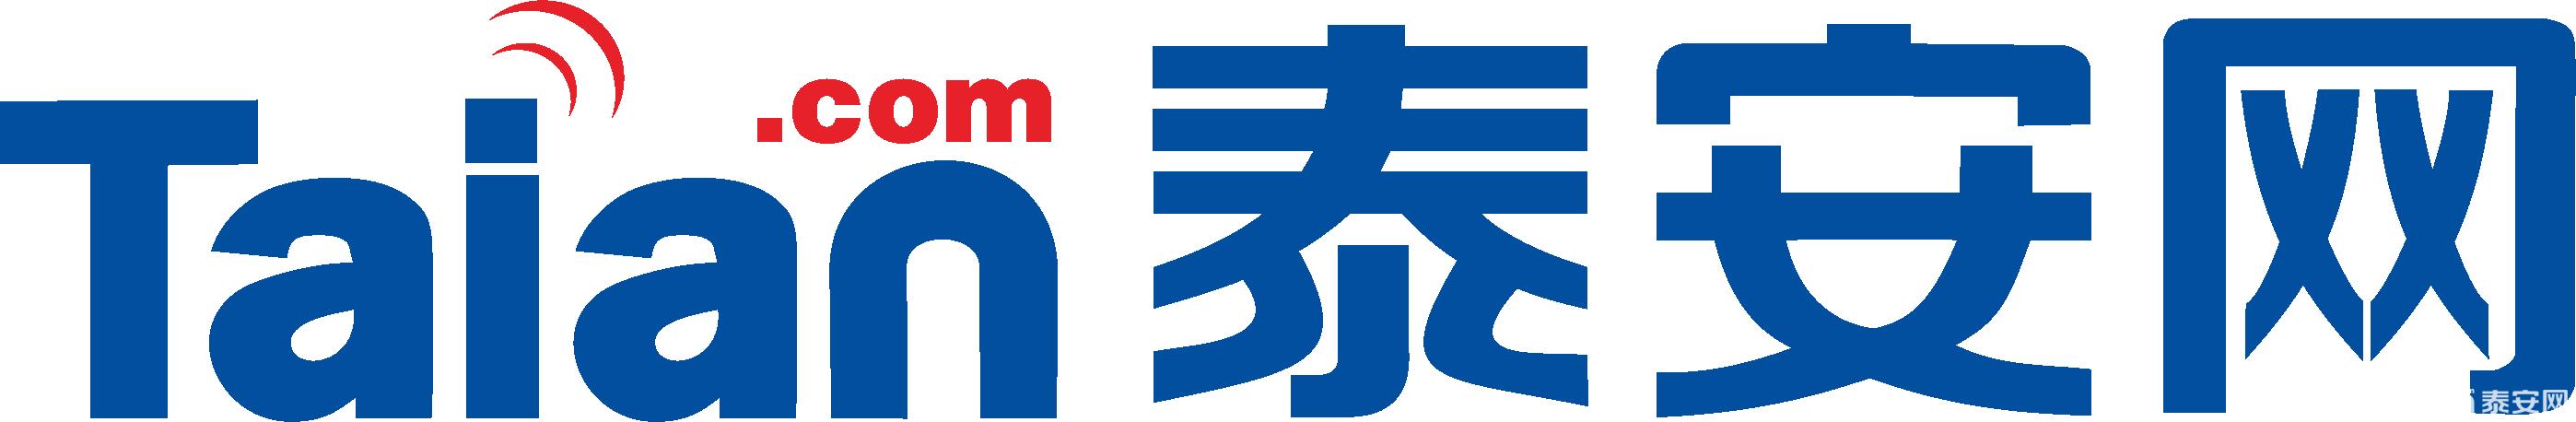 logo 优化版.png